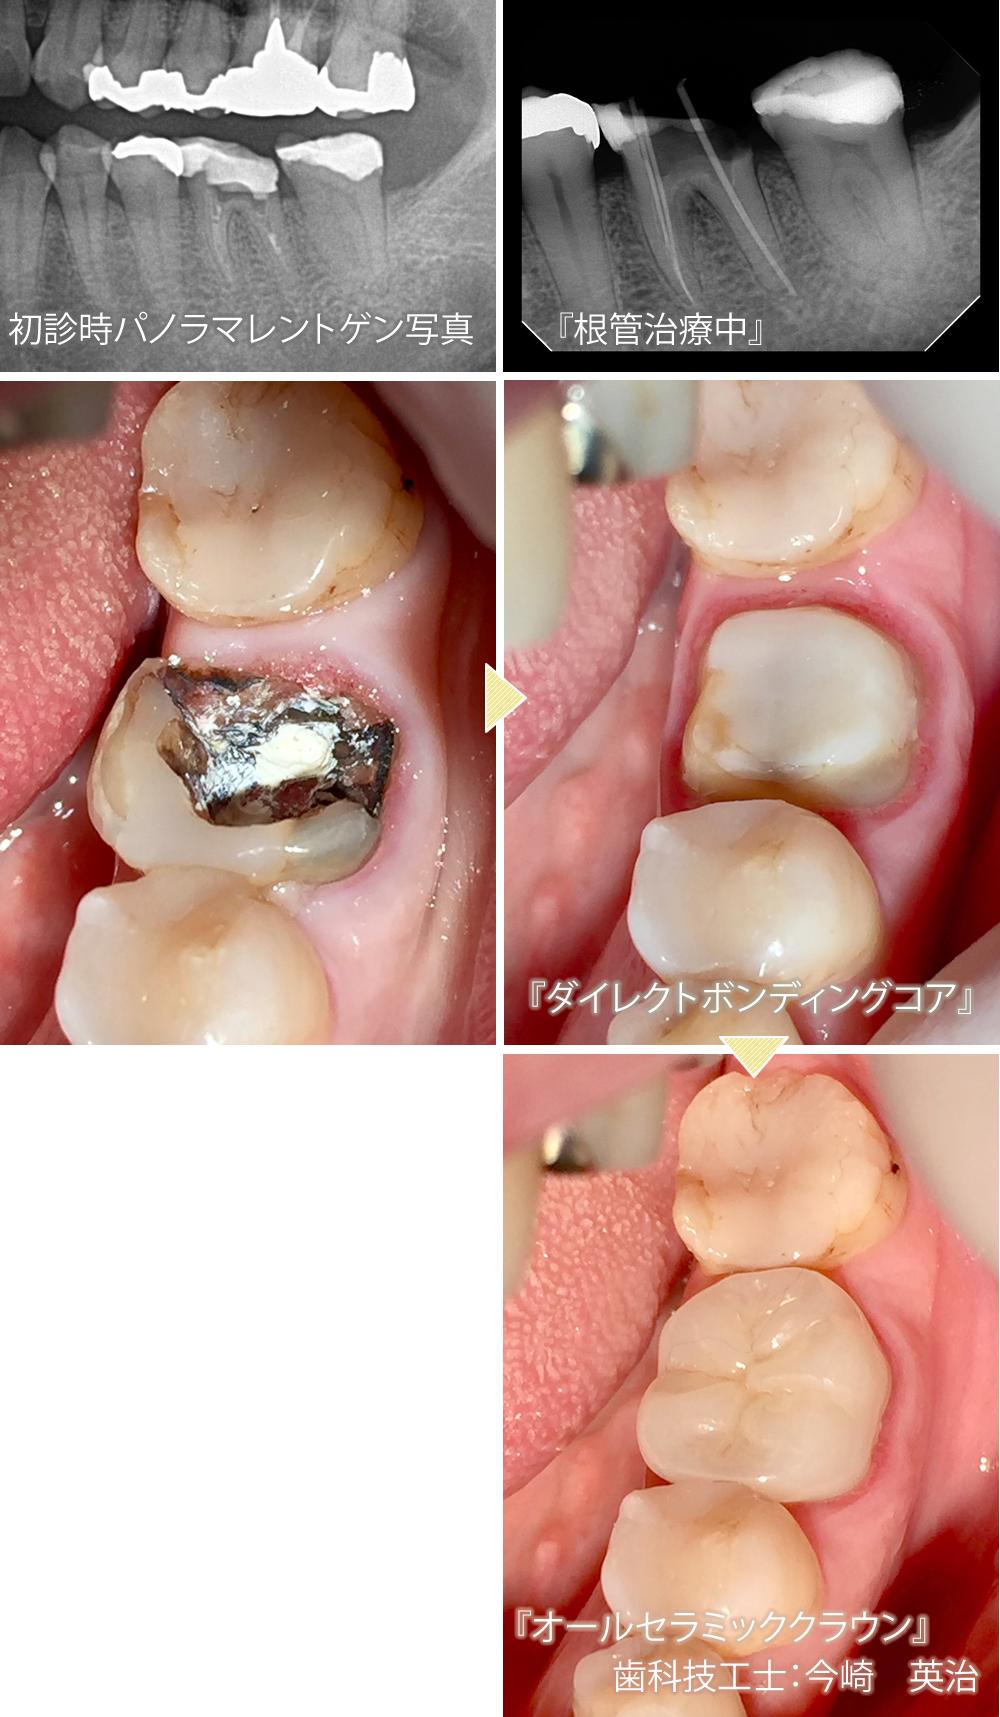 虫歯 放置 奥歯